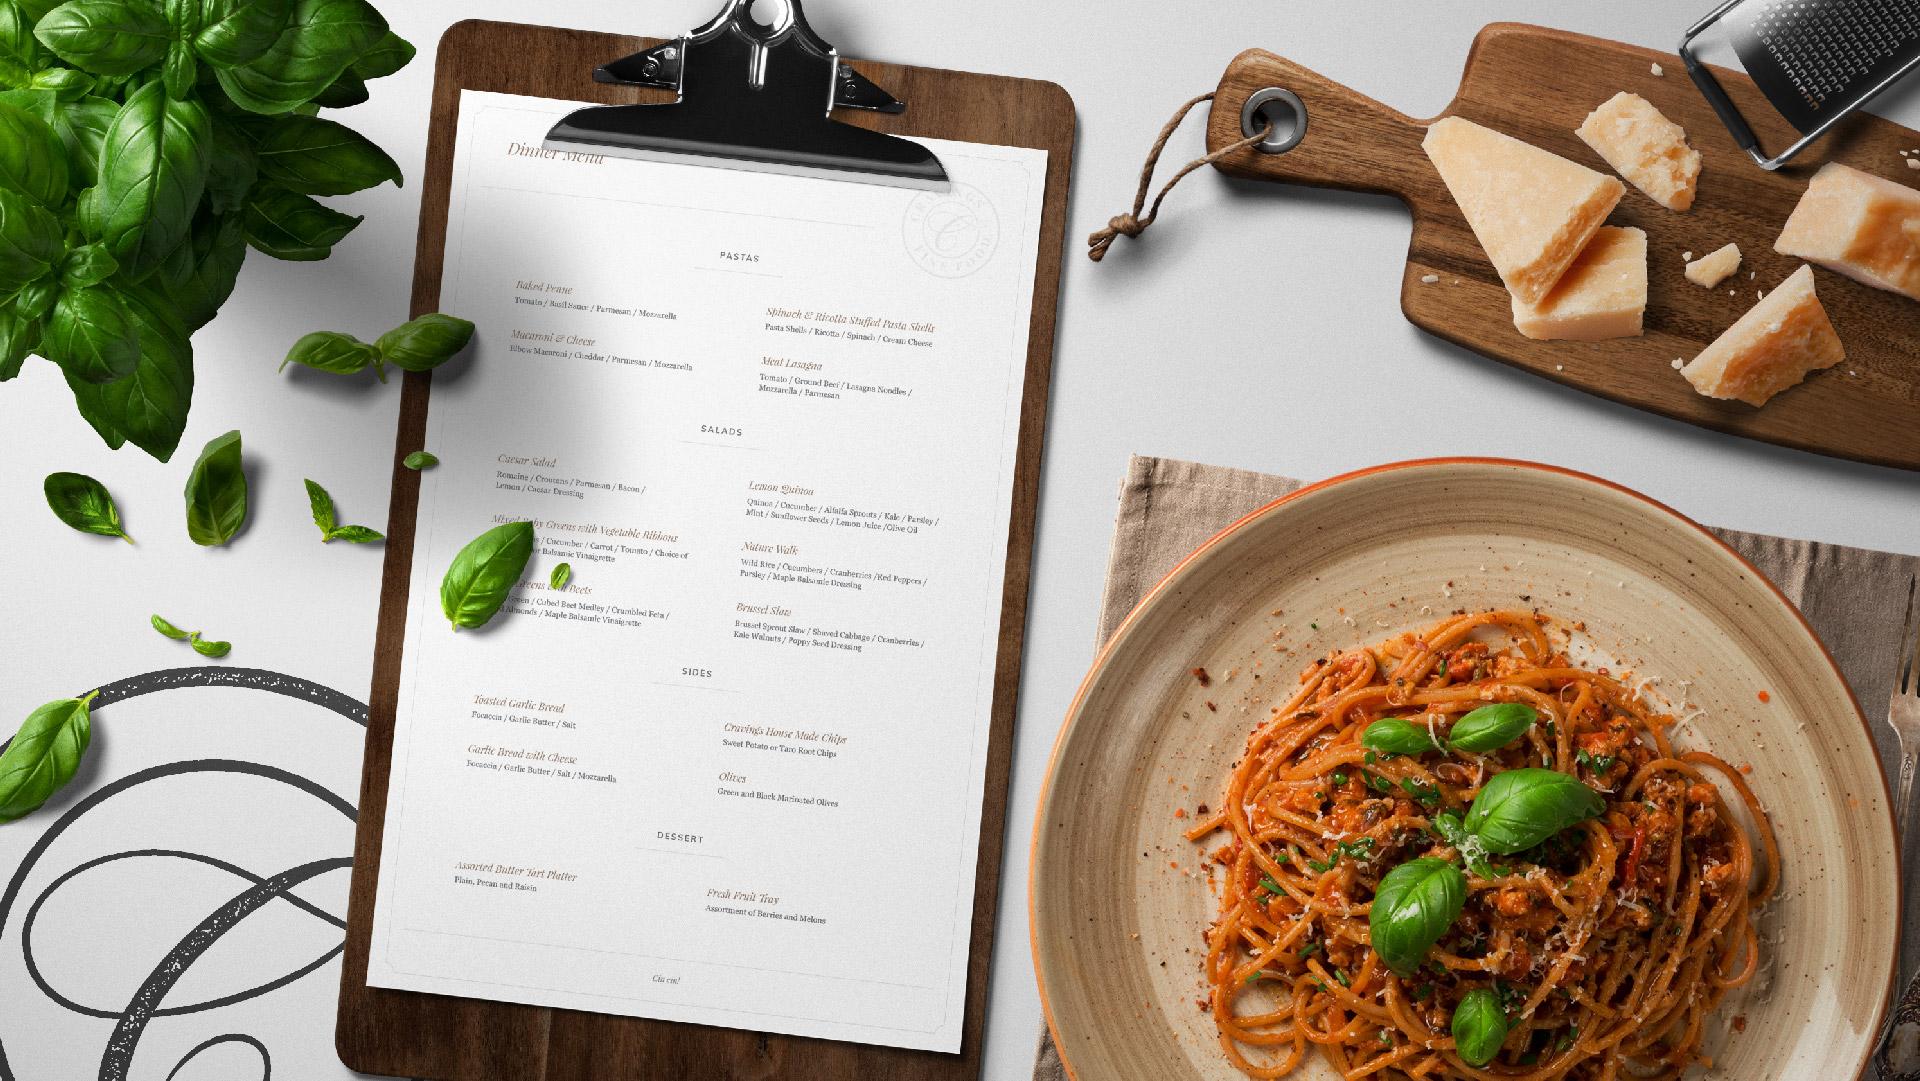 cravings fine food menu mockup